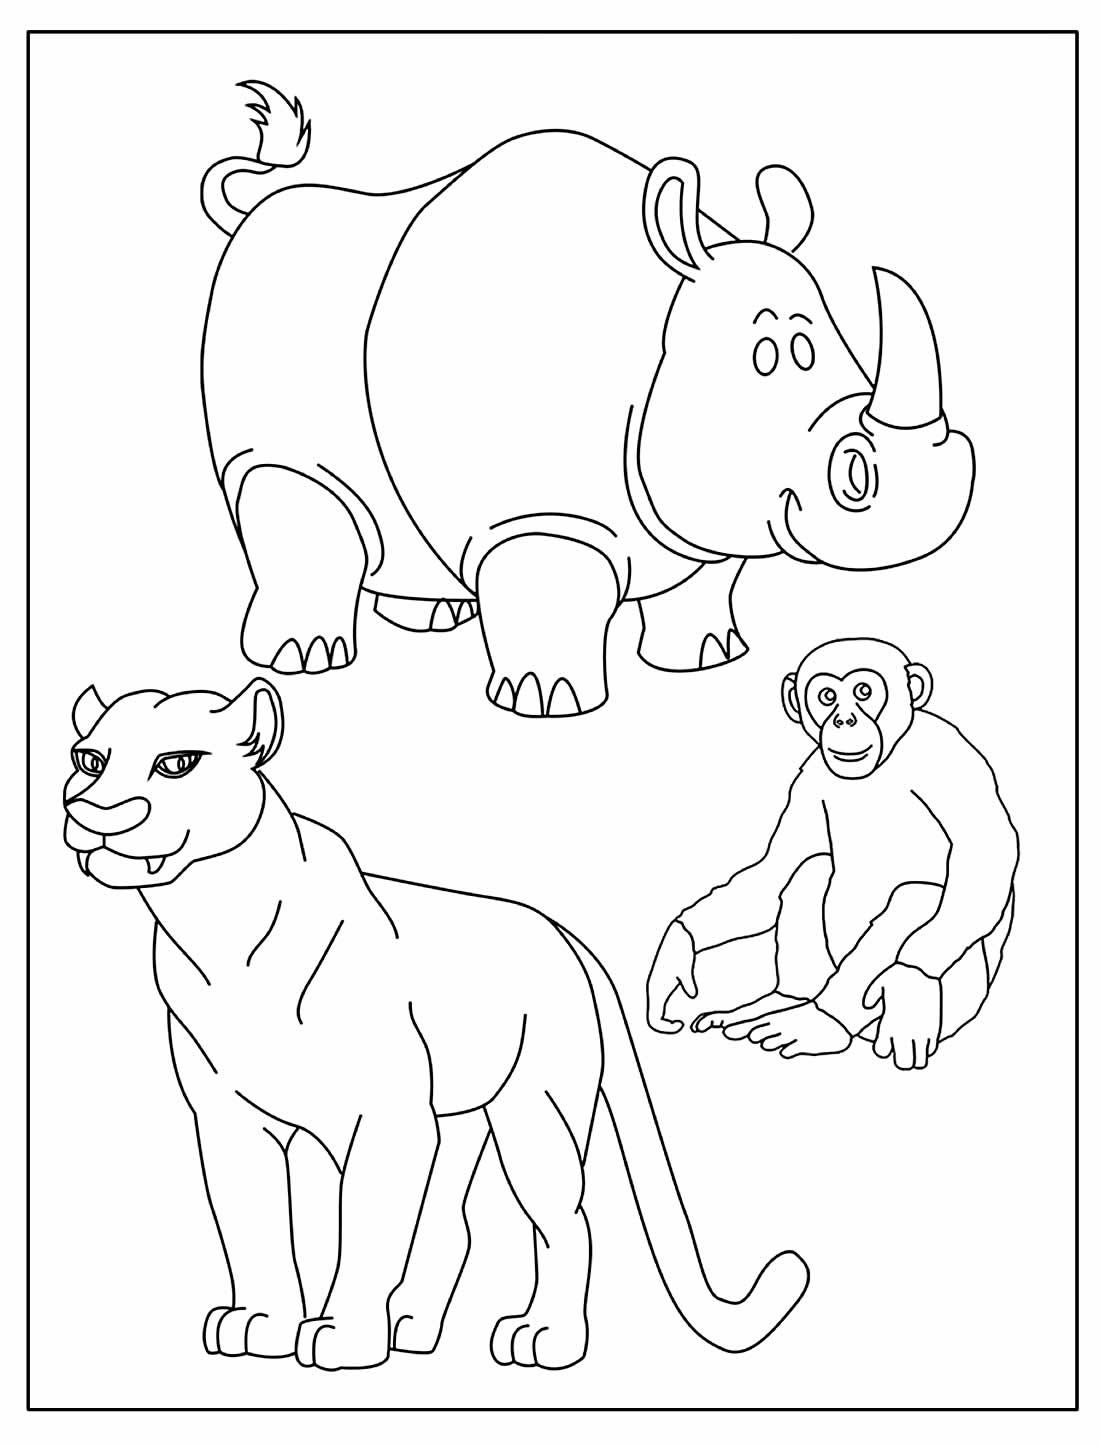 Página para colorir de Safari